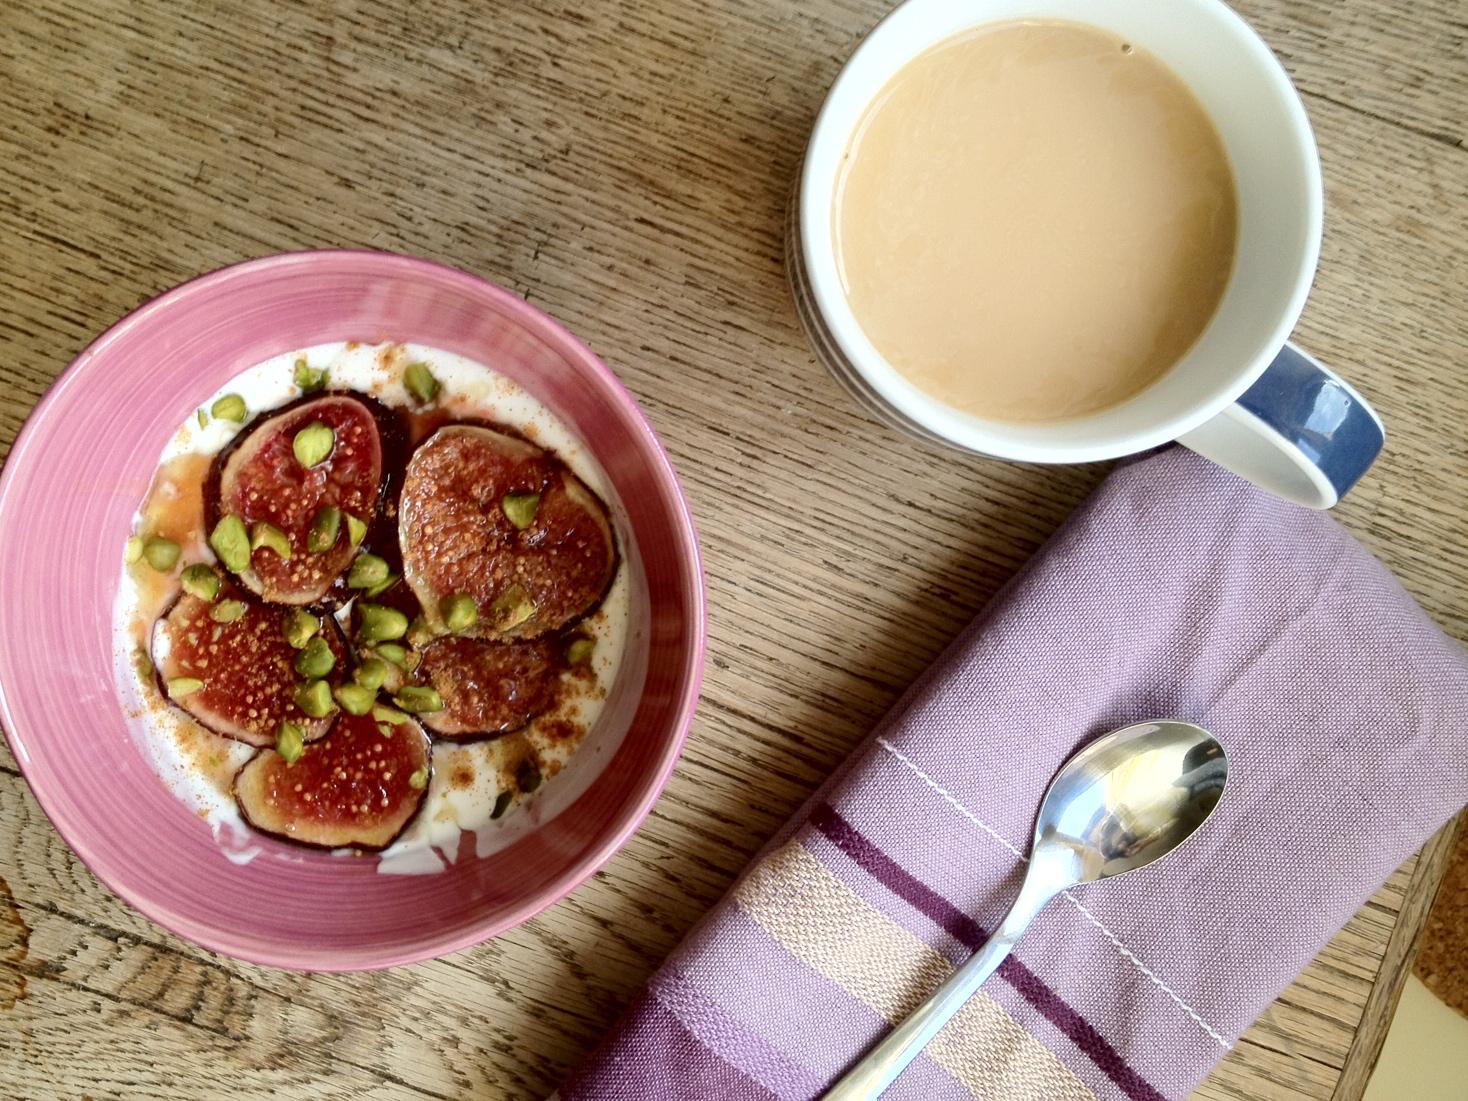 Cozy in Germany: Honey-caramelized figs with yogurt